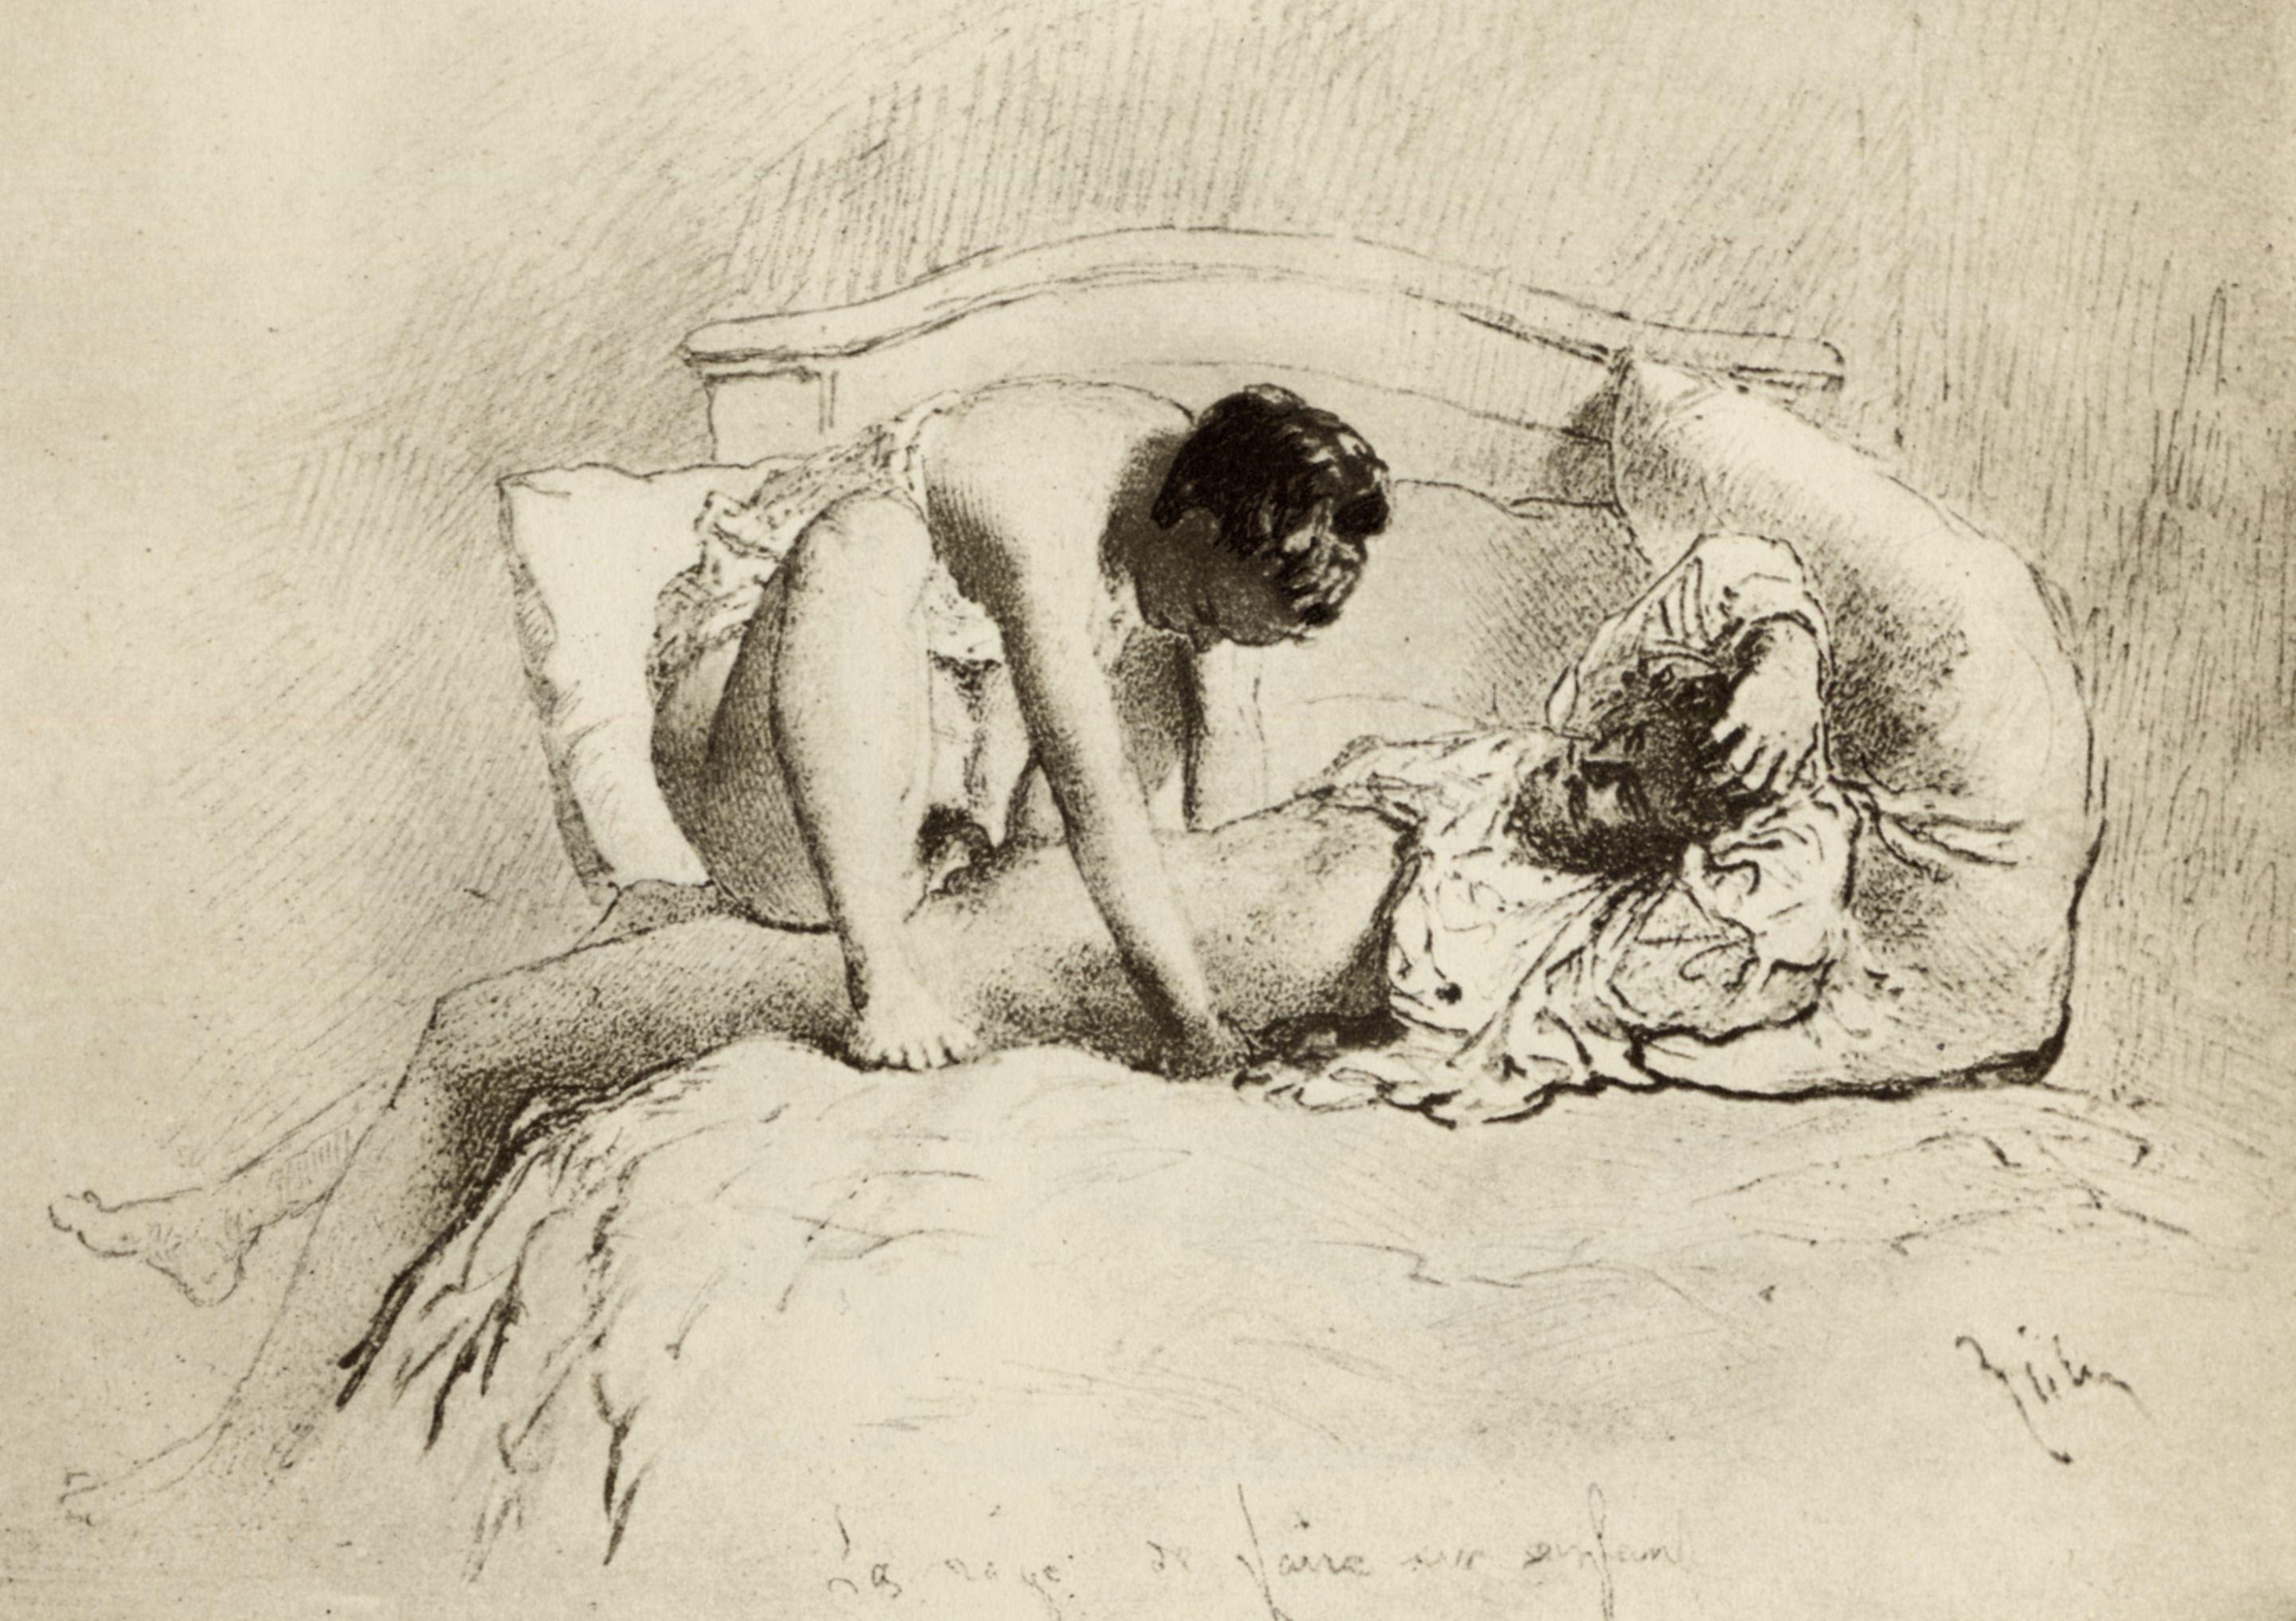 Рисованная эротика 19 века 4 фотография